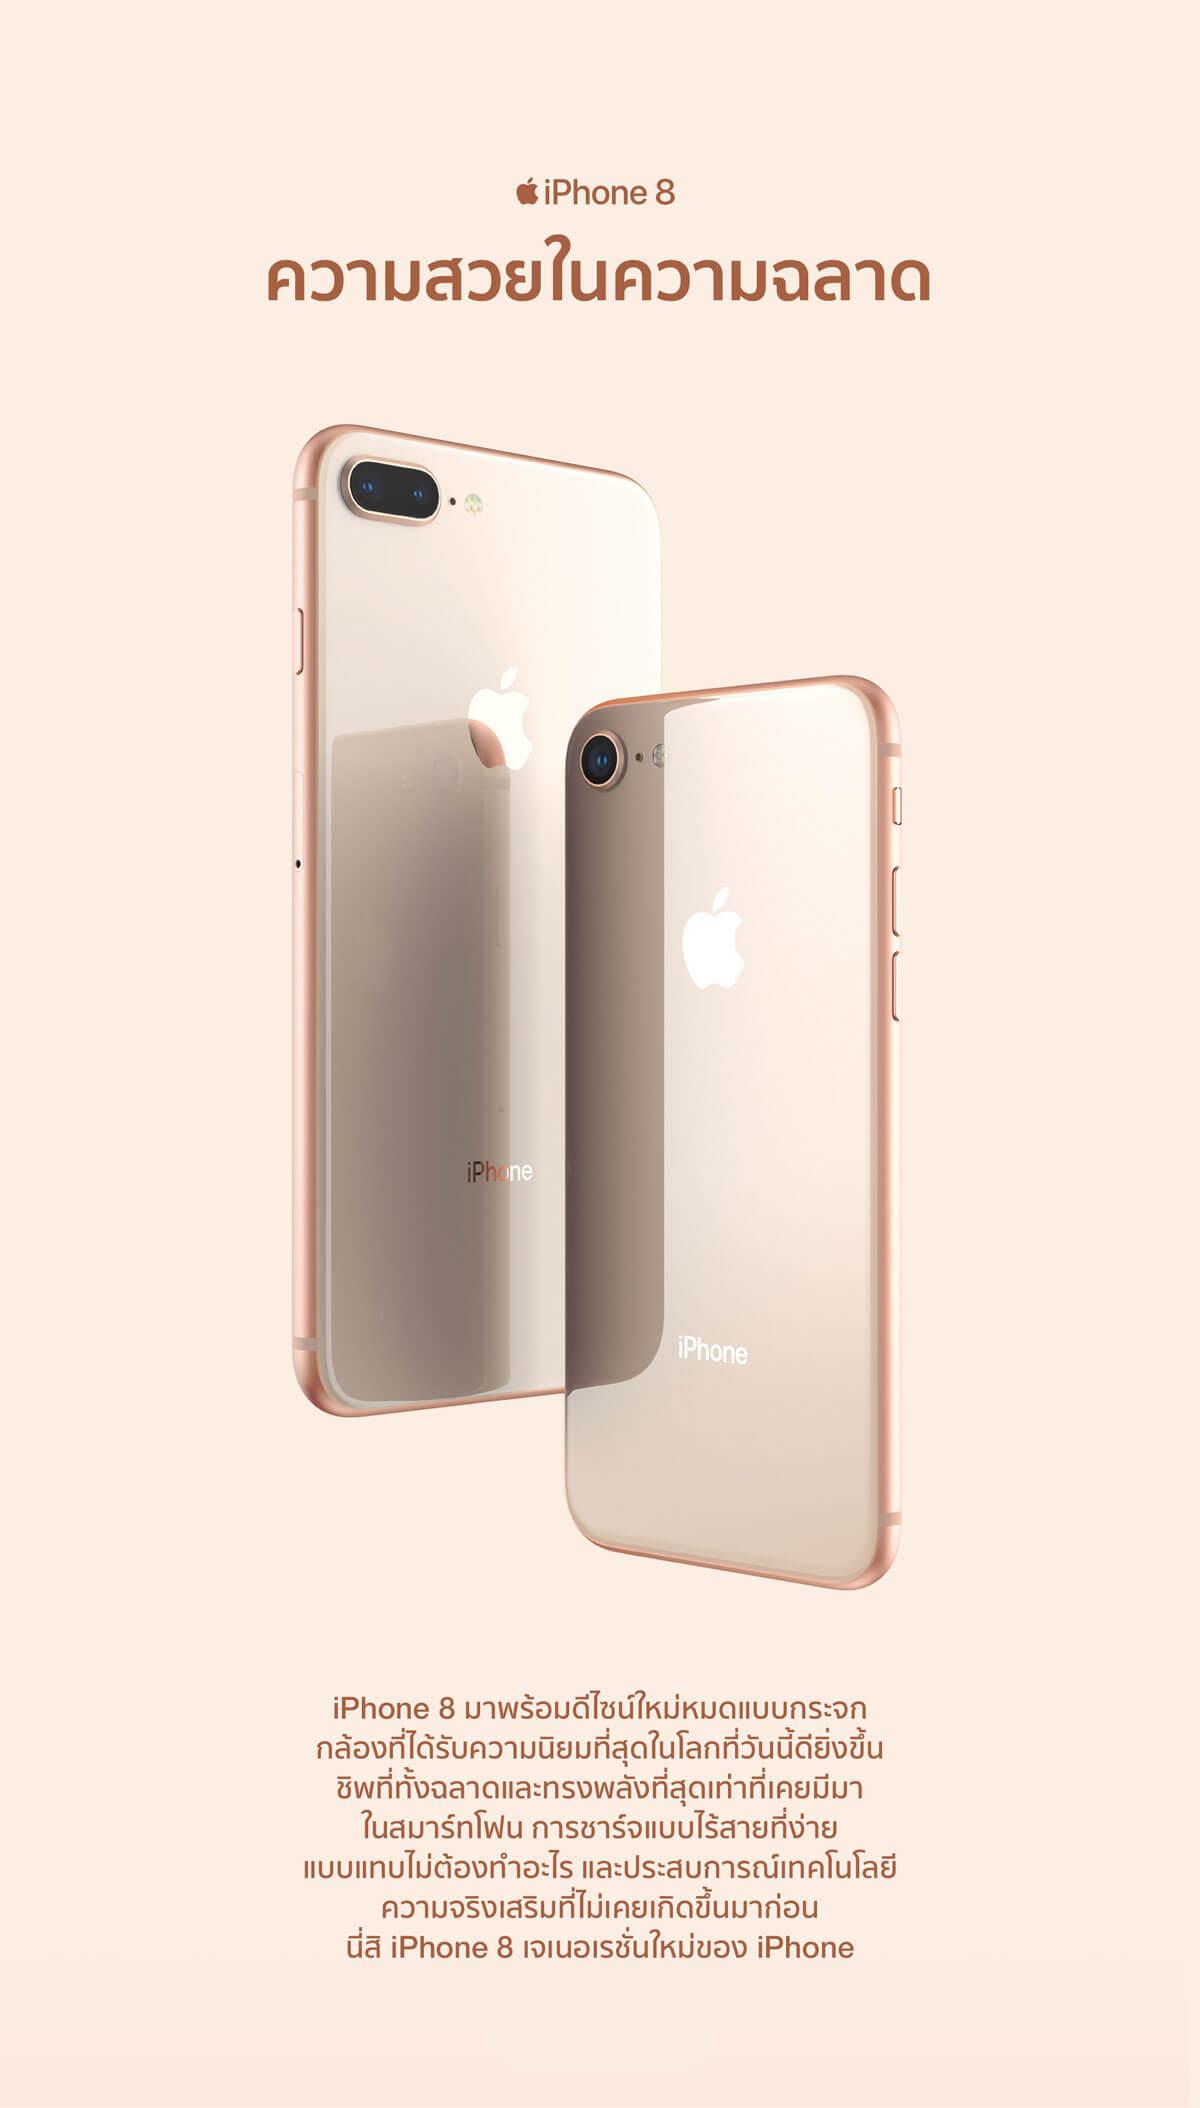 iPhone 8 ไอโฟน 8 ขนาด 64GB